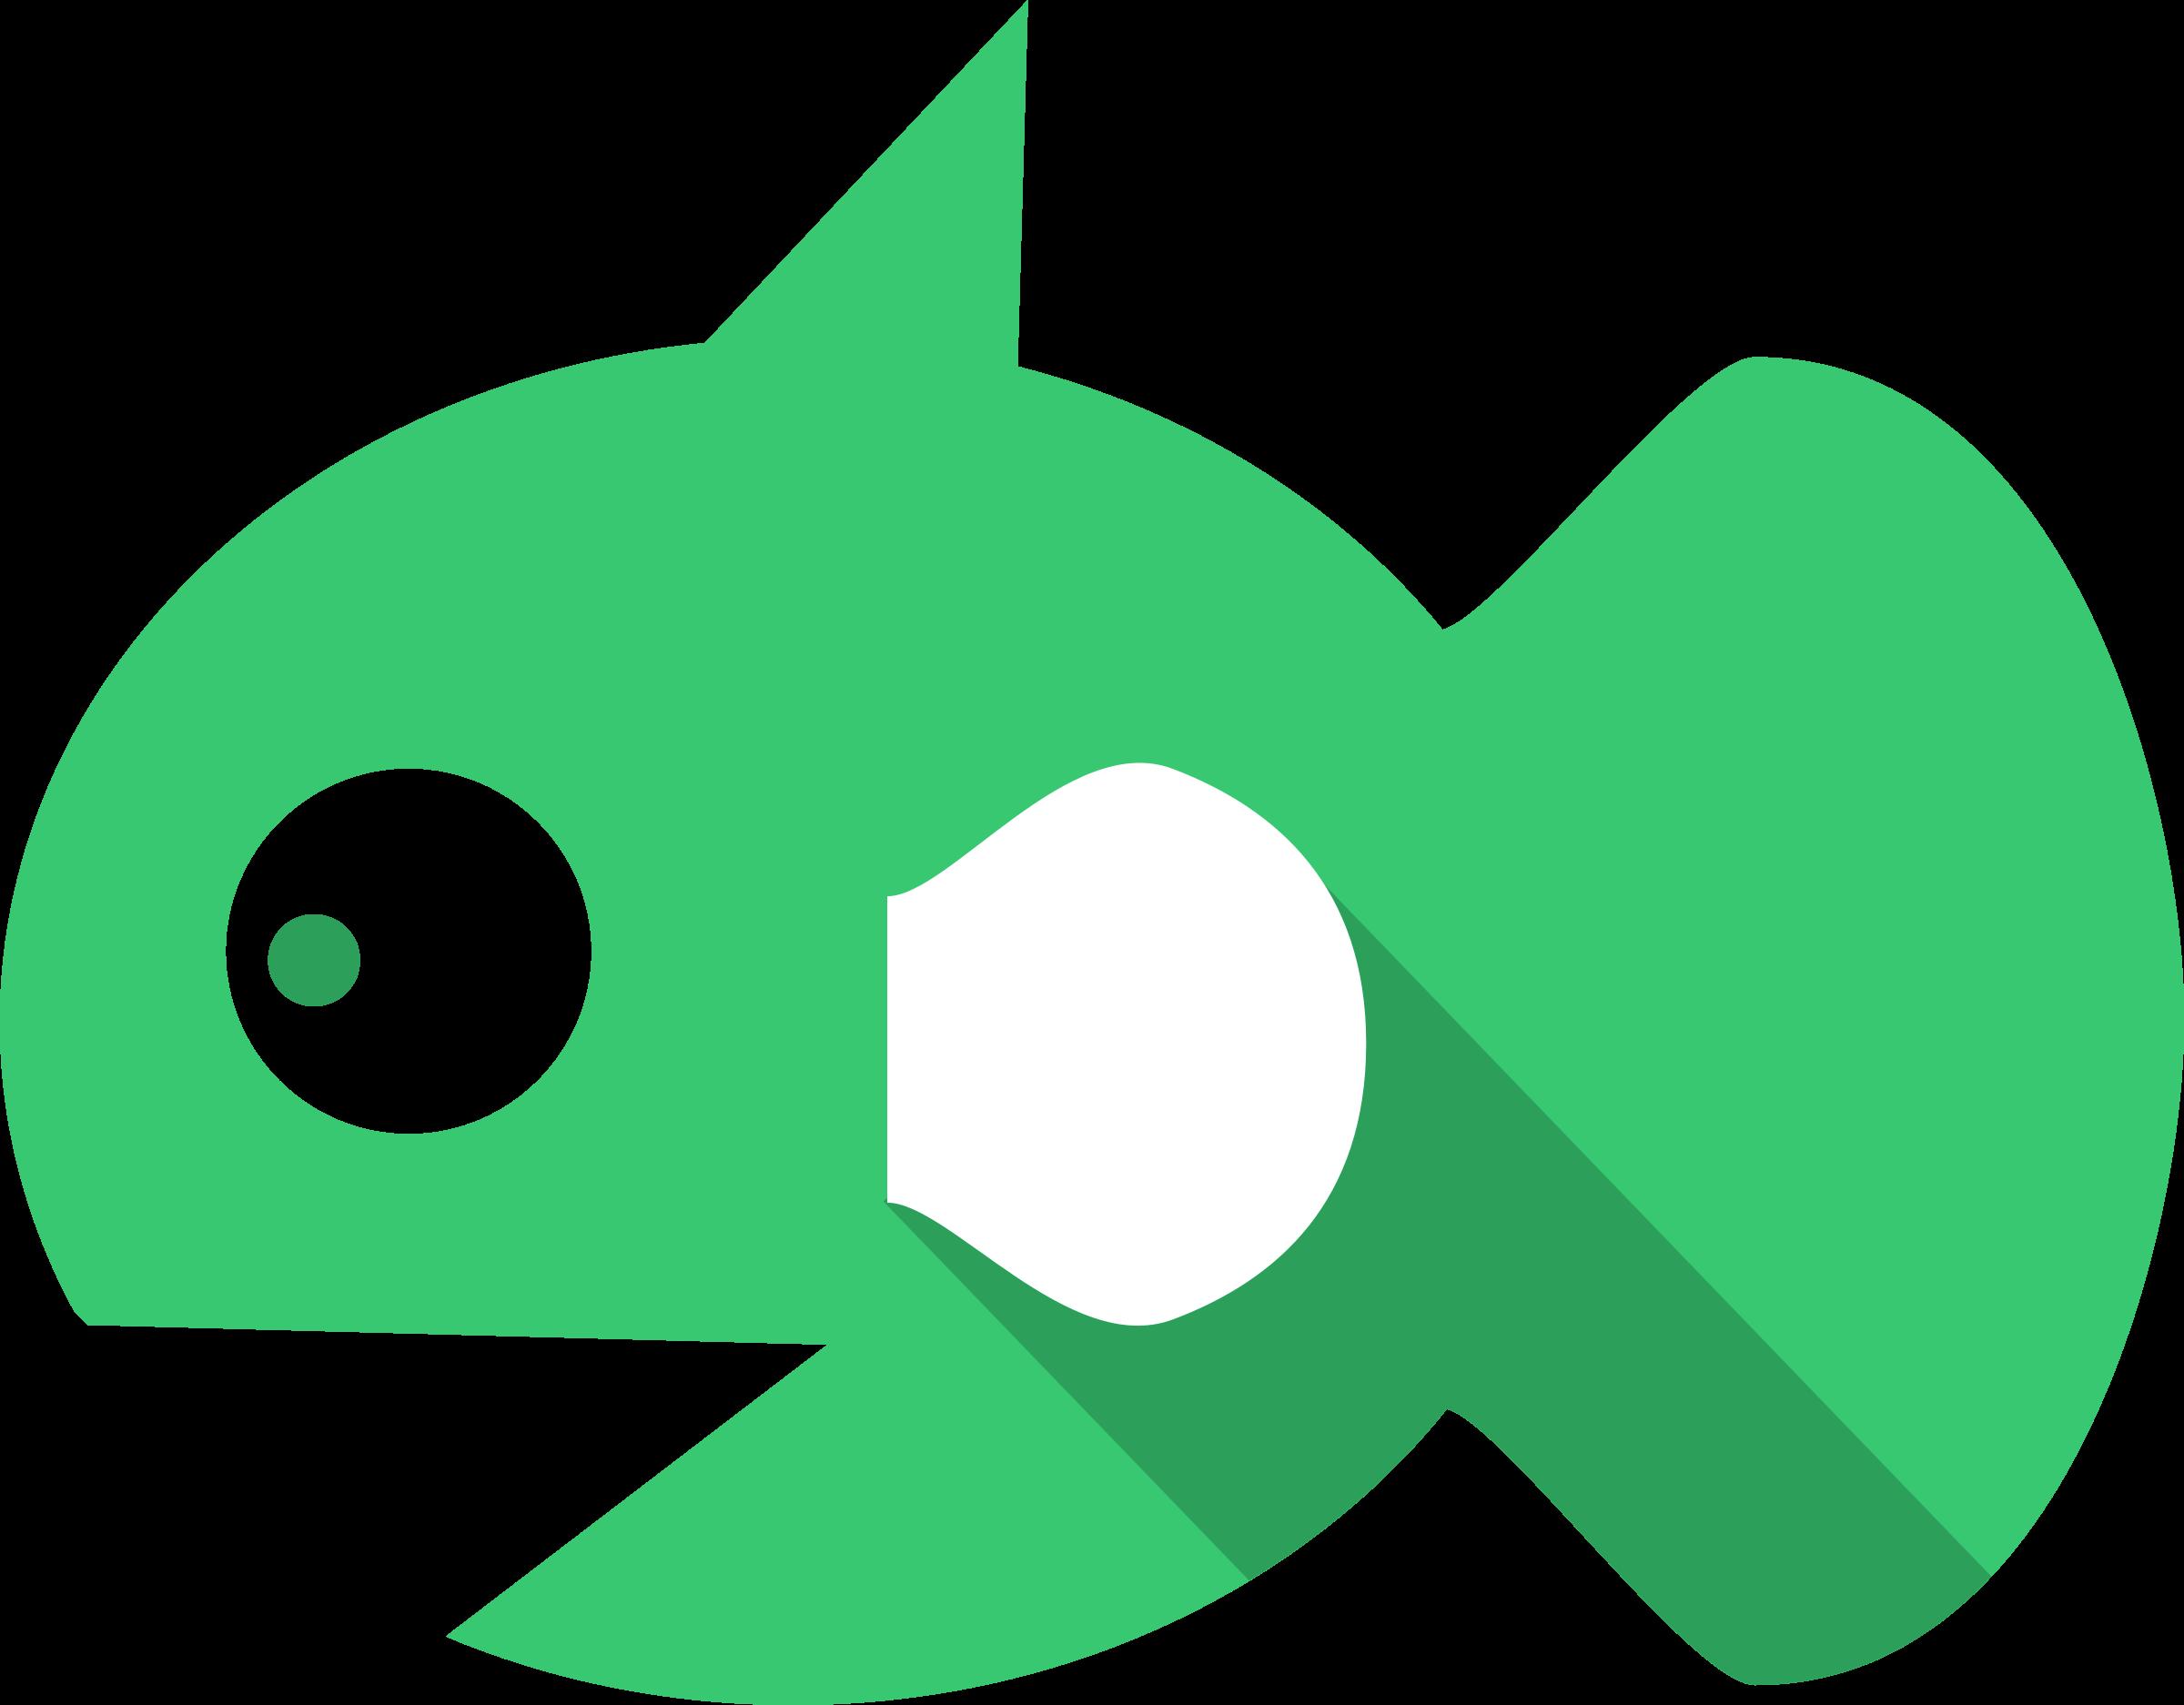 Clipart fish talk. Big image png